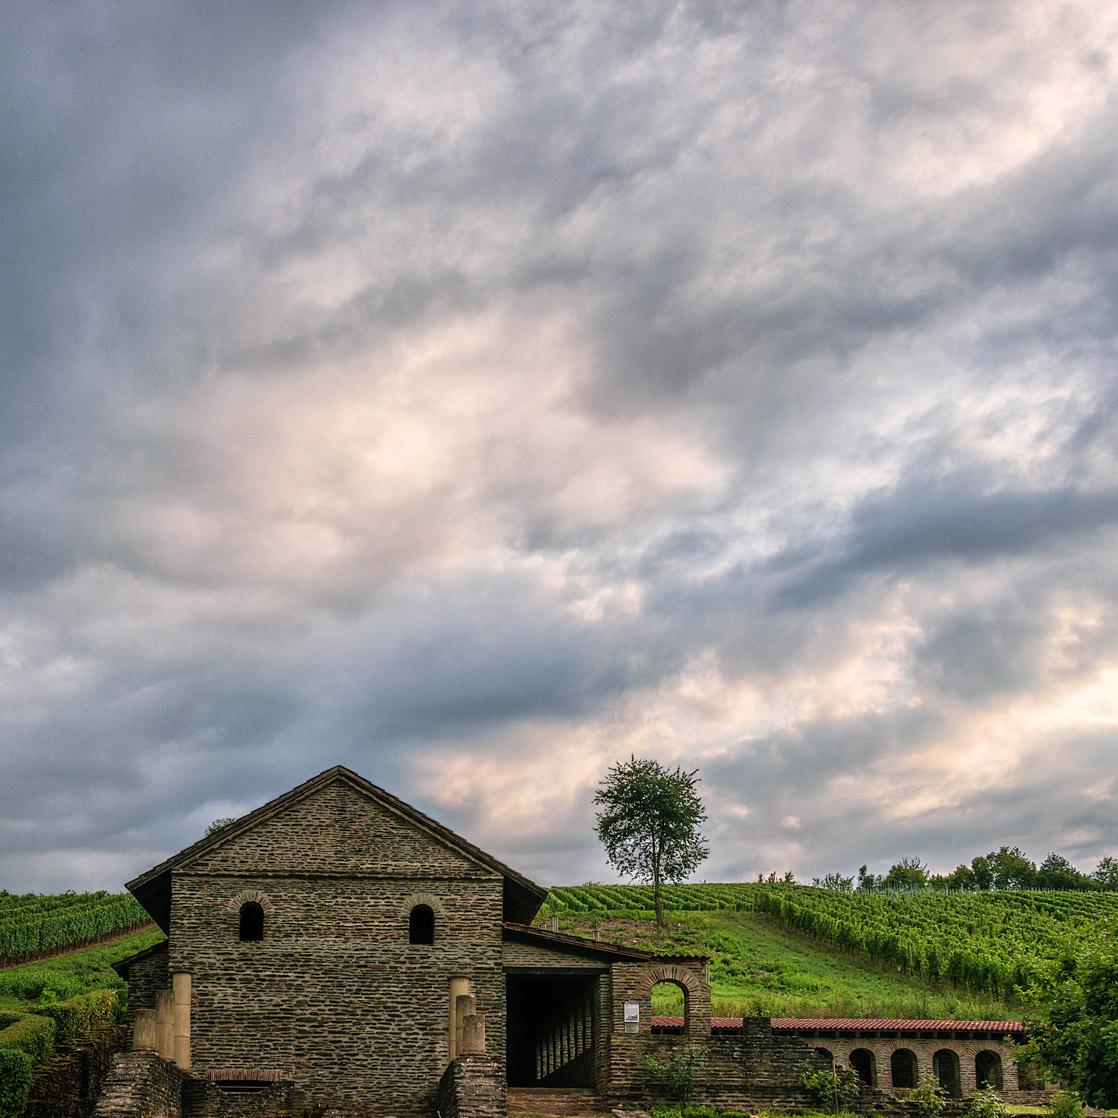 Bei Longuich wurde eine alte Römervilla ausgegraben und wieder aufgebaut